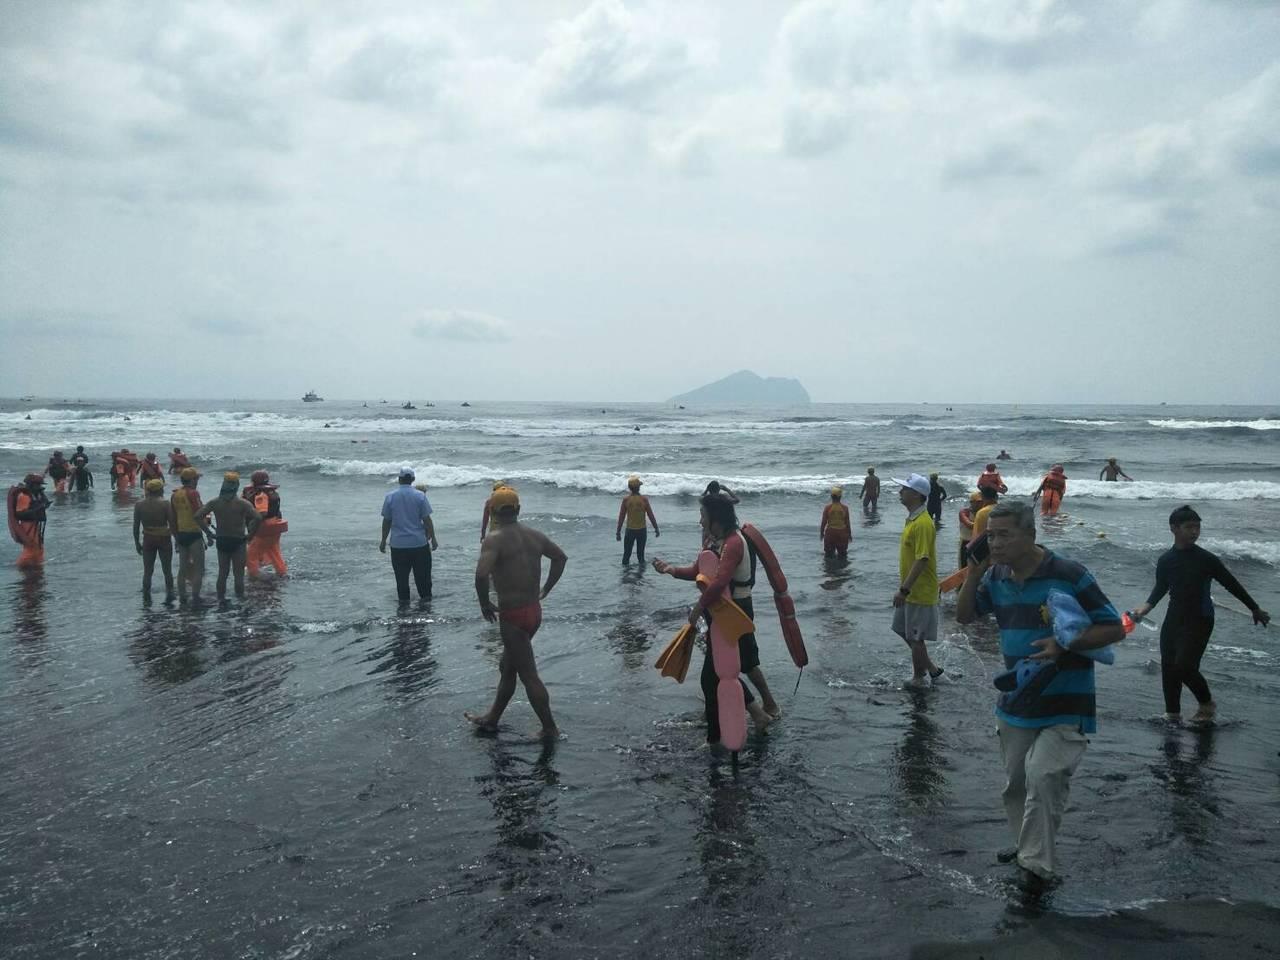 龜山島海上長泳出意外,4各游泳者1昏迷緊急送醫,活動臨時取消。圖/消防局提供